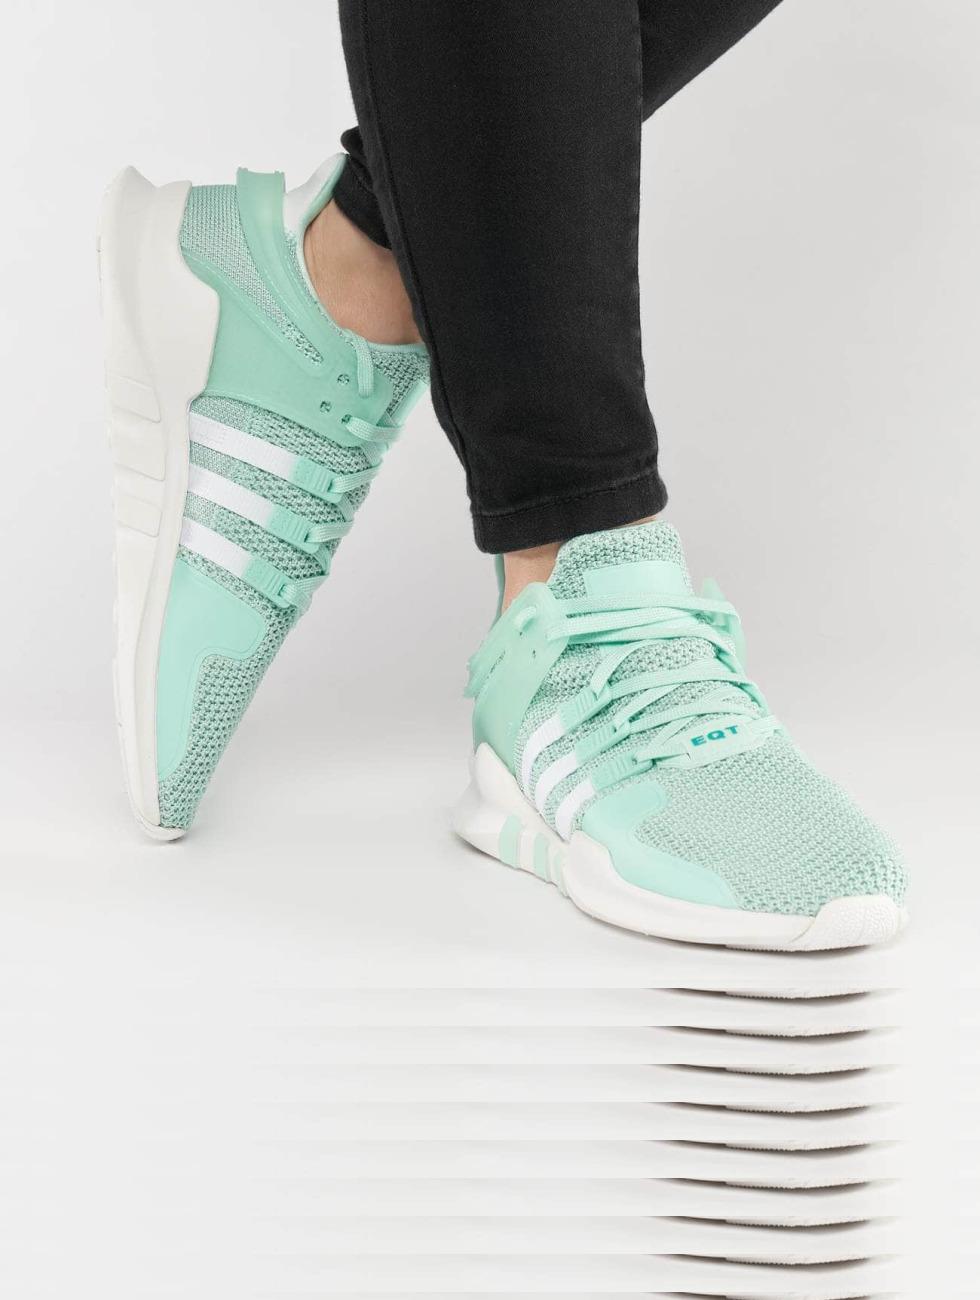 Adidas Originals Scarpa / Sneaker Eqt Supporto Adv In Verde 498 699 QVXmsqScOg